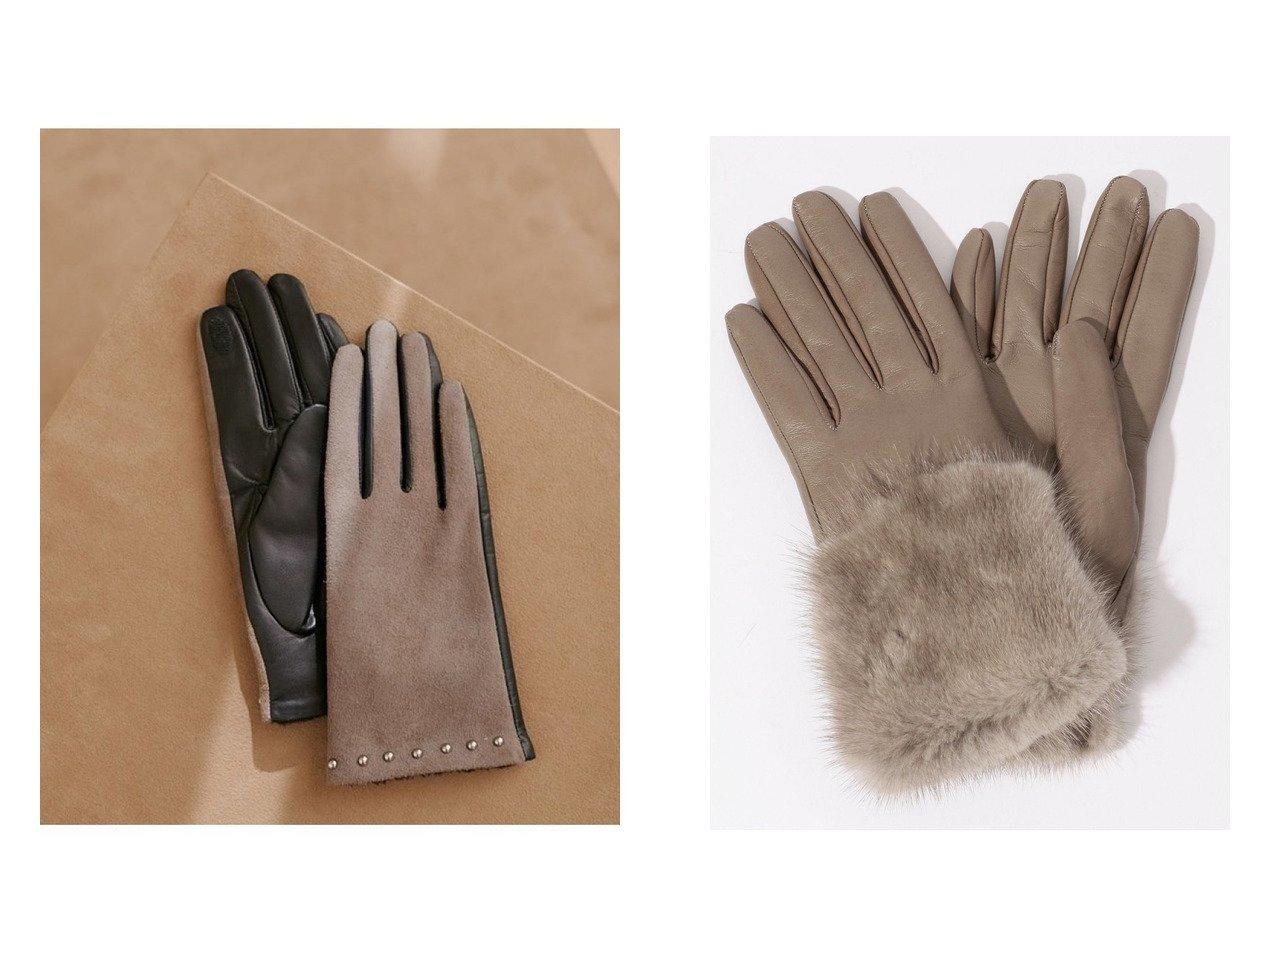 【TOMORROWLAND GOODs/トゥモローランド グッズ】のGala Gloves ミンクグローブ&【nano universe/ナノ ユニバース】のスエードコンビスタッズグローブ スマホ対応 おすすめ!人気、トレンド・レディースファッションの通販  おすすめで人気の流行・トレンド、ファッションの通販商品 メンズファッション・キッズファッション・インテリア・家具・レディースファッション・服の通販 founy(ファニー) https://founy.com/ ファッション Fashion レディースファッション WOMEN 手袋 Gloves エレガント コンビ シンプル スエード スマホ スマート フォーマル 防寒 A/W 秋冬 AW Autumn/Winter / FW Fall-Winter イタリア 冬 Winter |ID:crp329100000014597